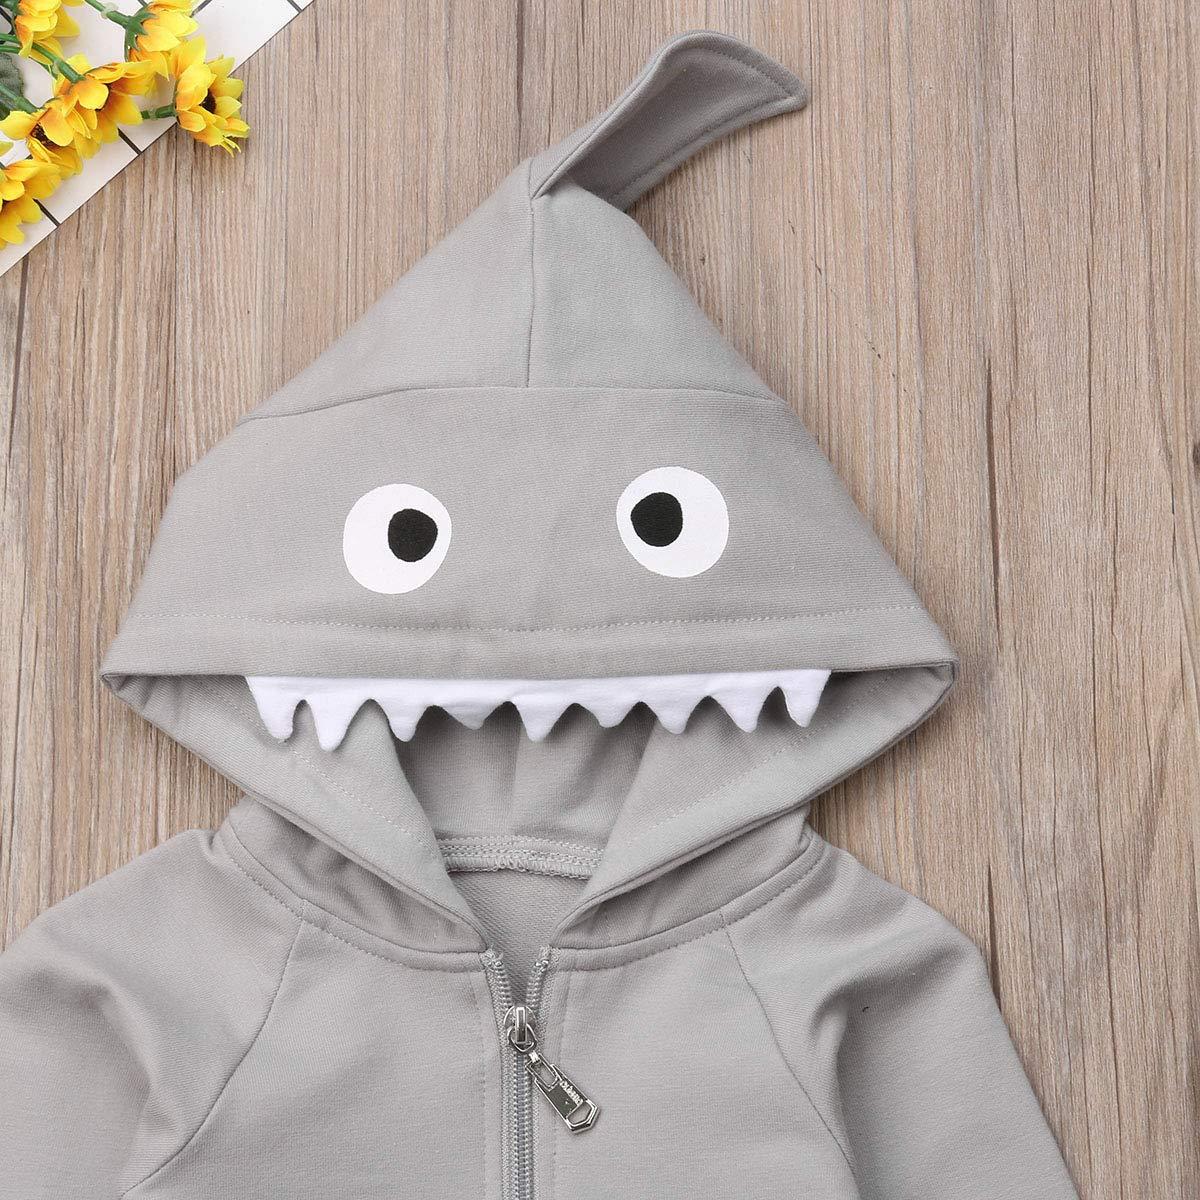 Newborn Infant Kids Boys Girls Cute Cartoon Shark Long Sleeve Zipper Hooded Romper Jumpsuit Top Outfits Clothes Grey